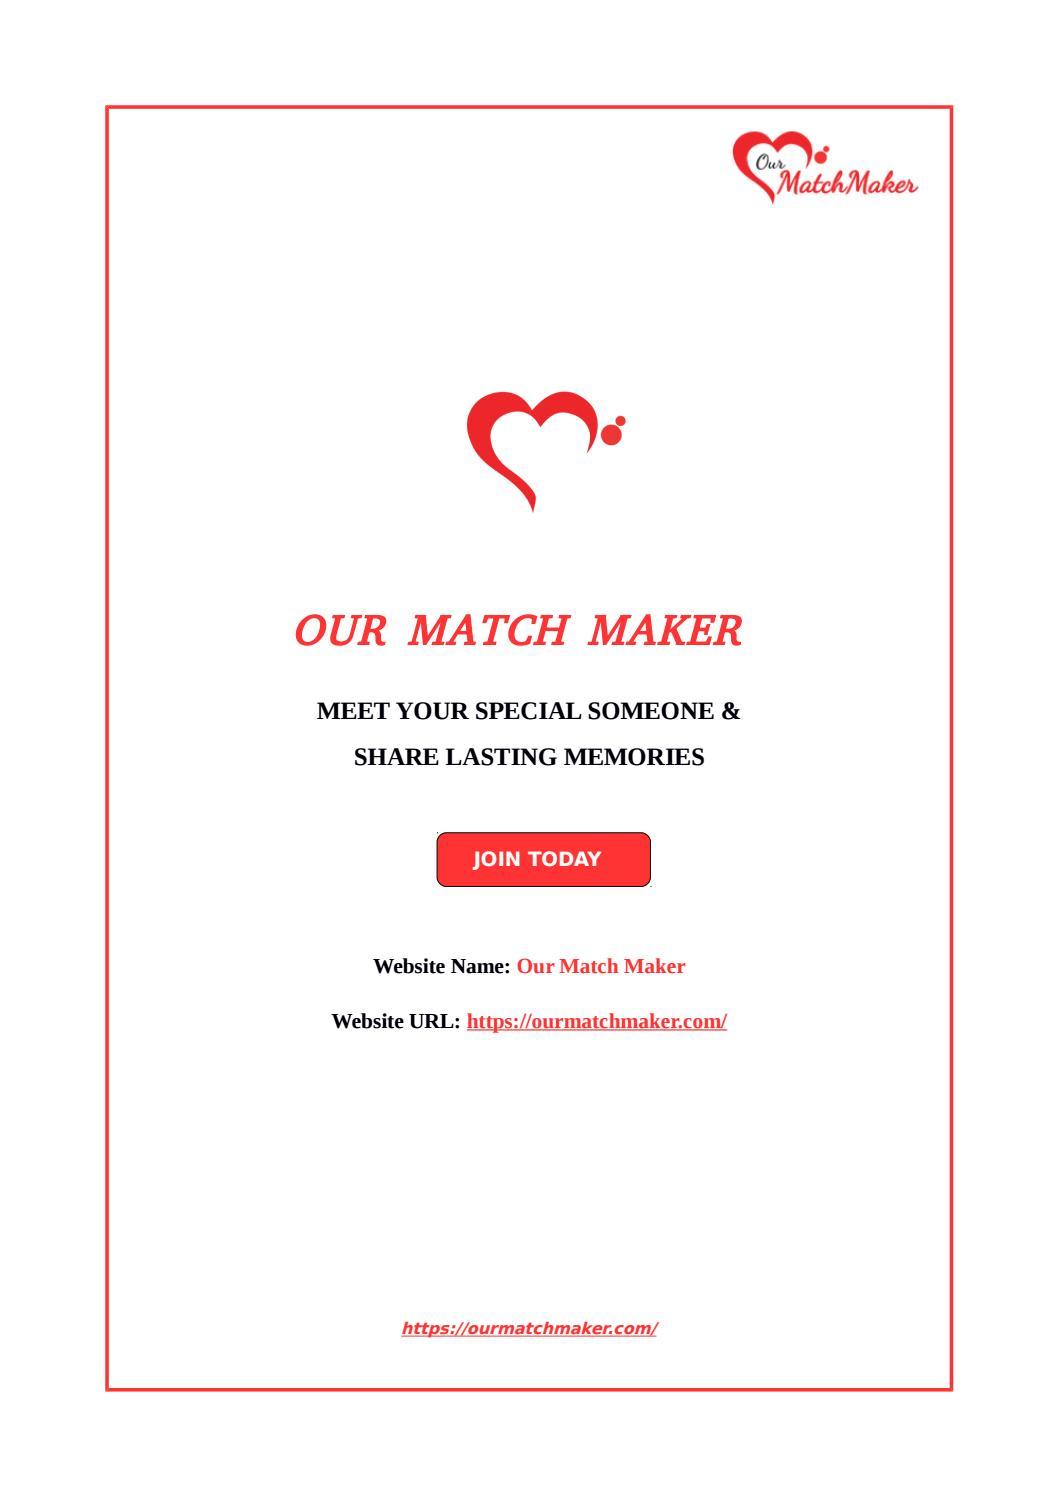 sito di matchmaking online gratuito